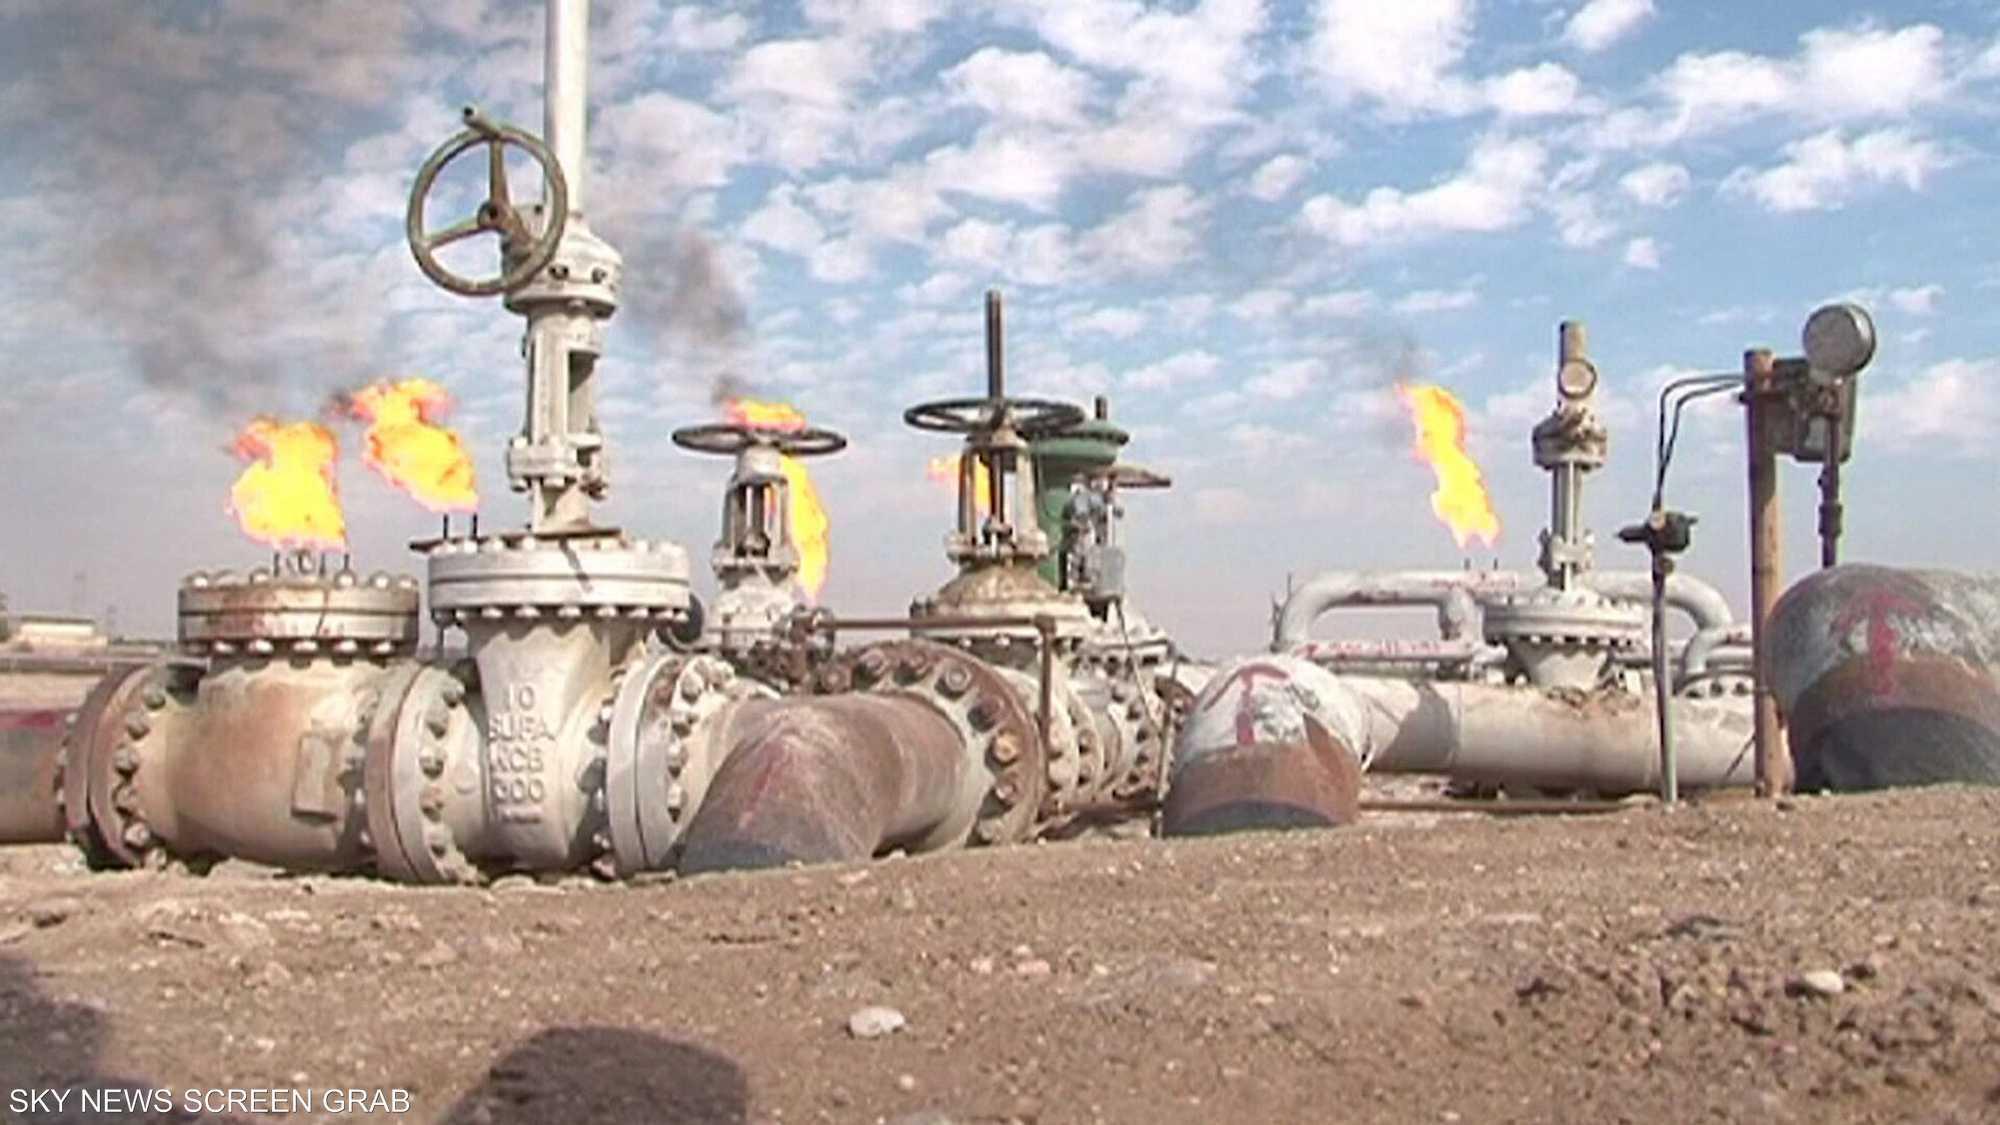 حرق الغاز.. خسائر اقتصادية وأضرار بيئية